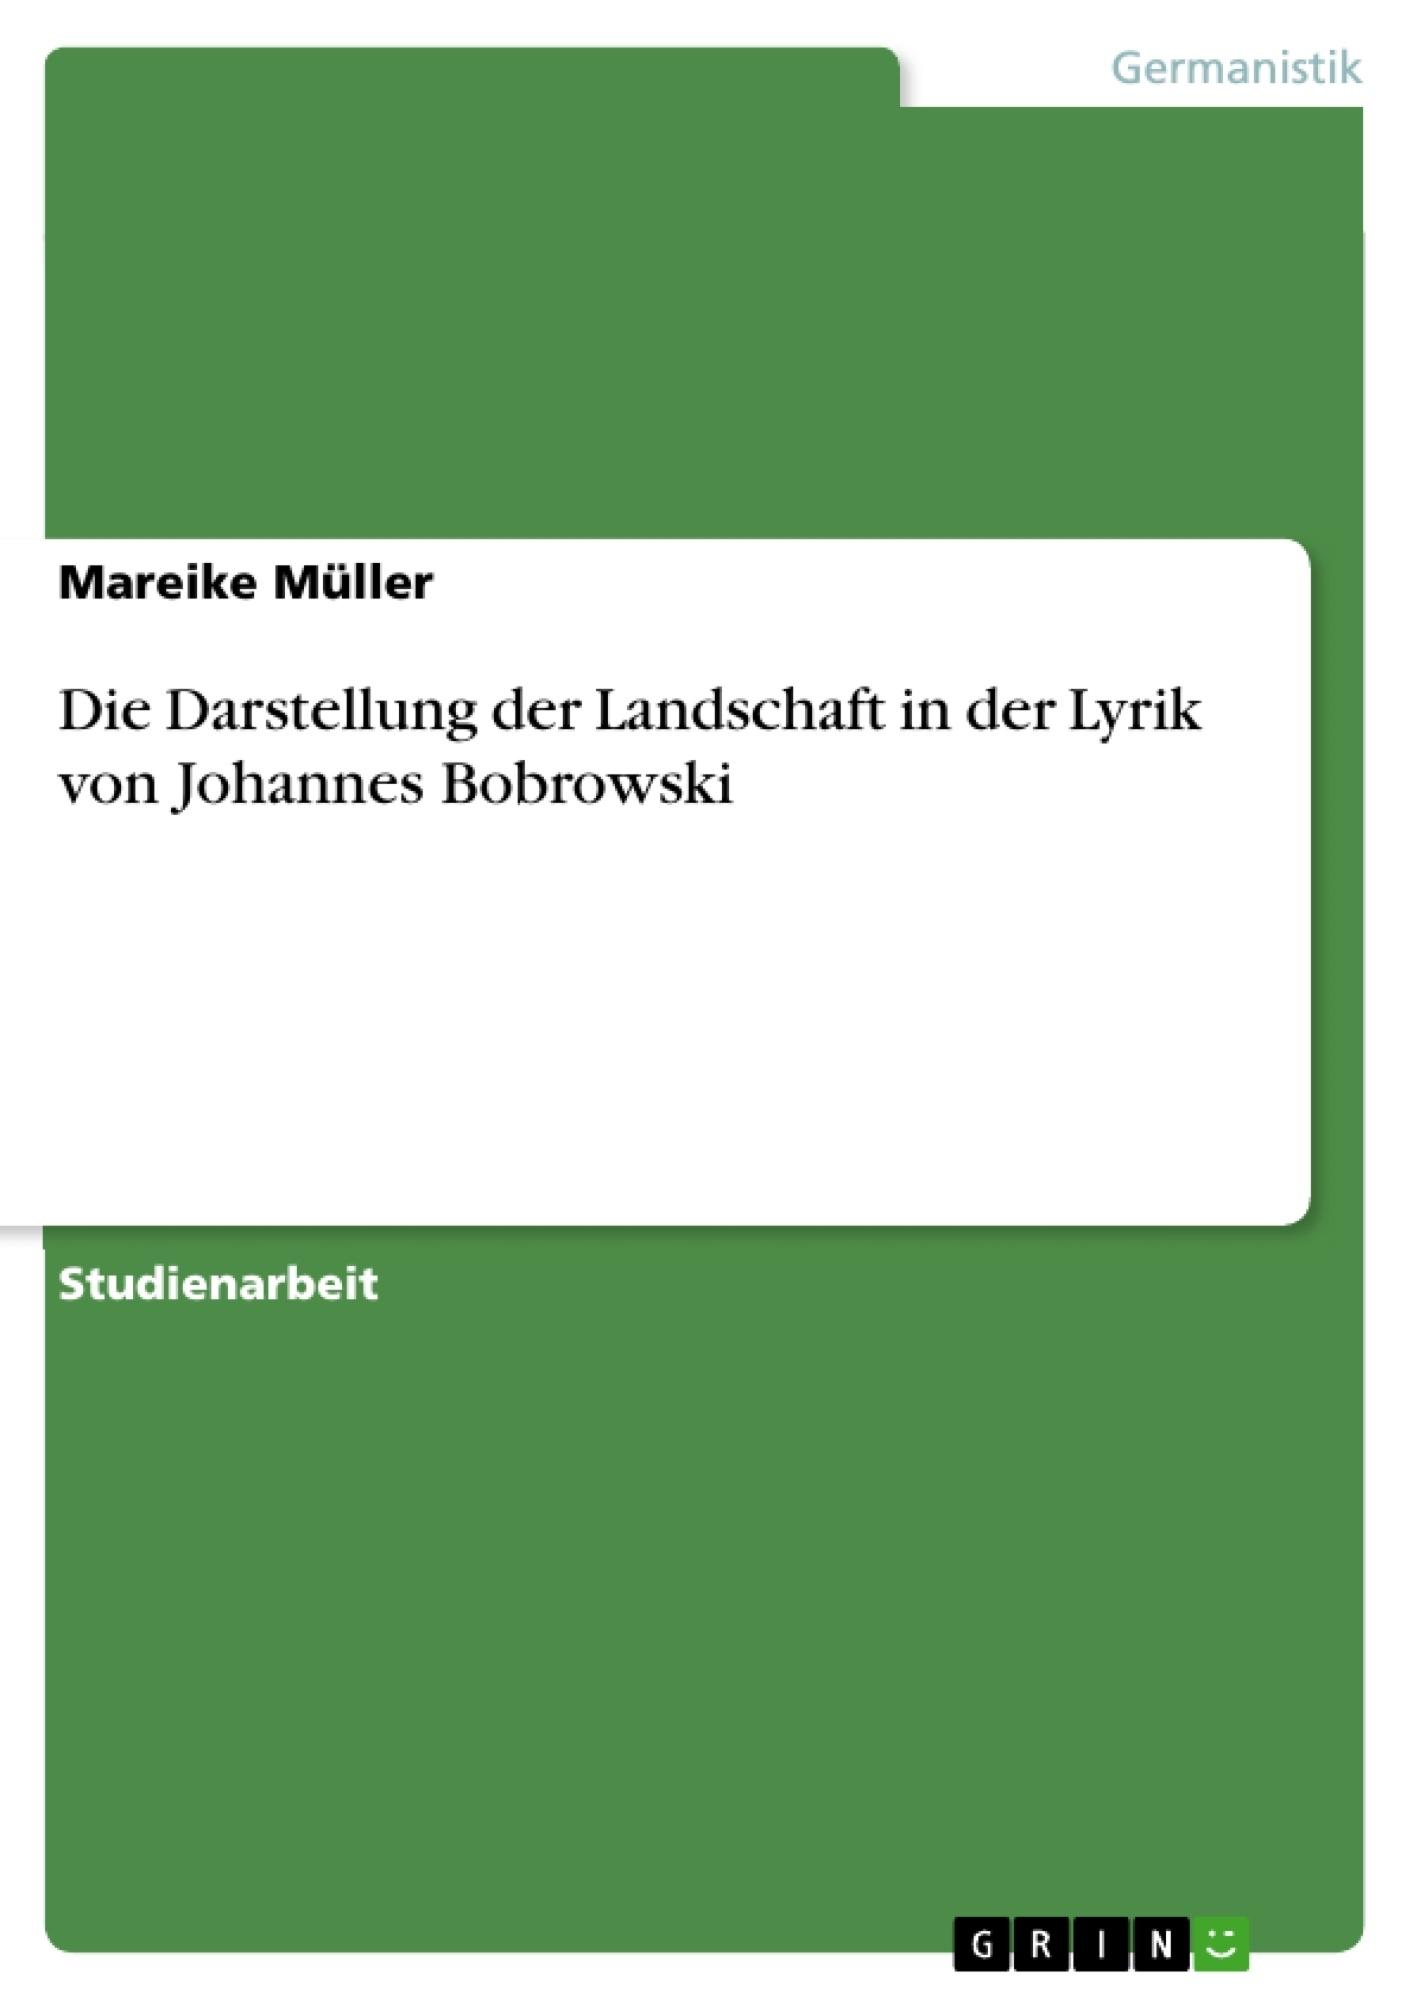 Titel: Die Darstellung der Landschaft in der Lyrik von Johannes Bobrowski